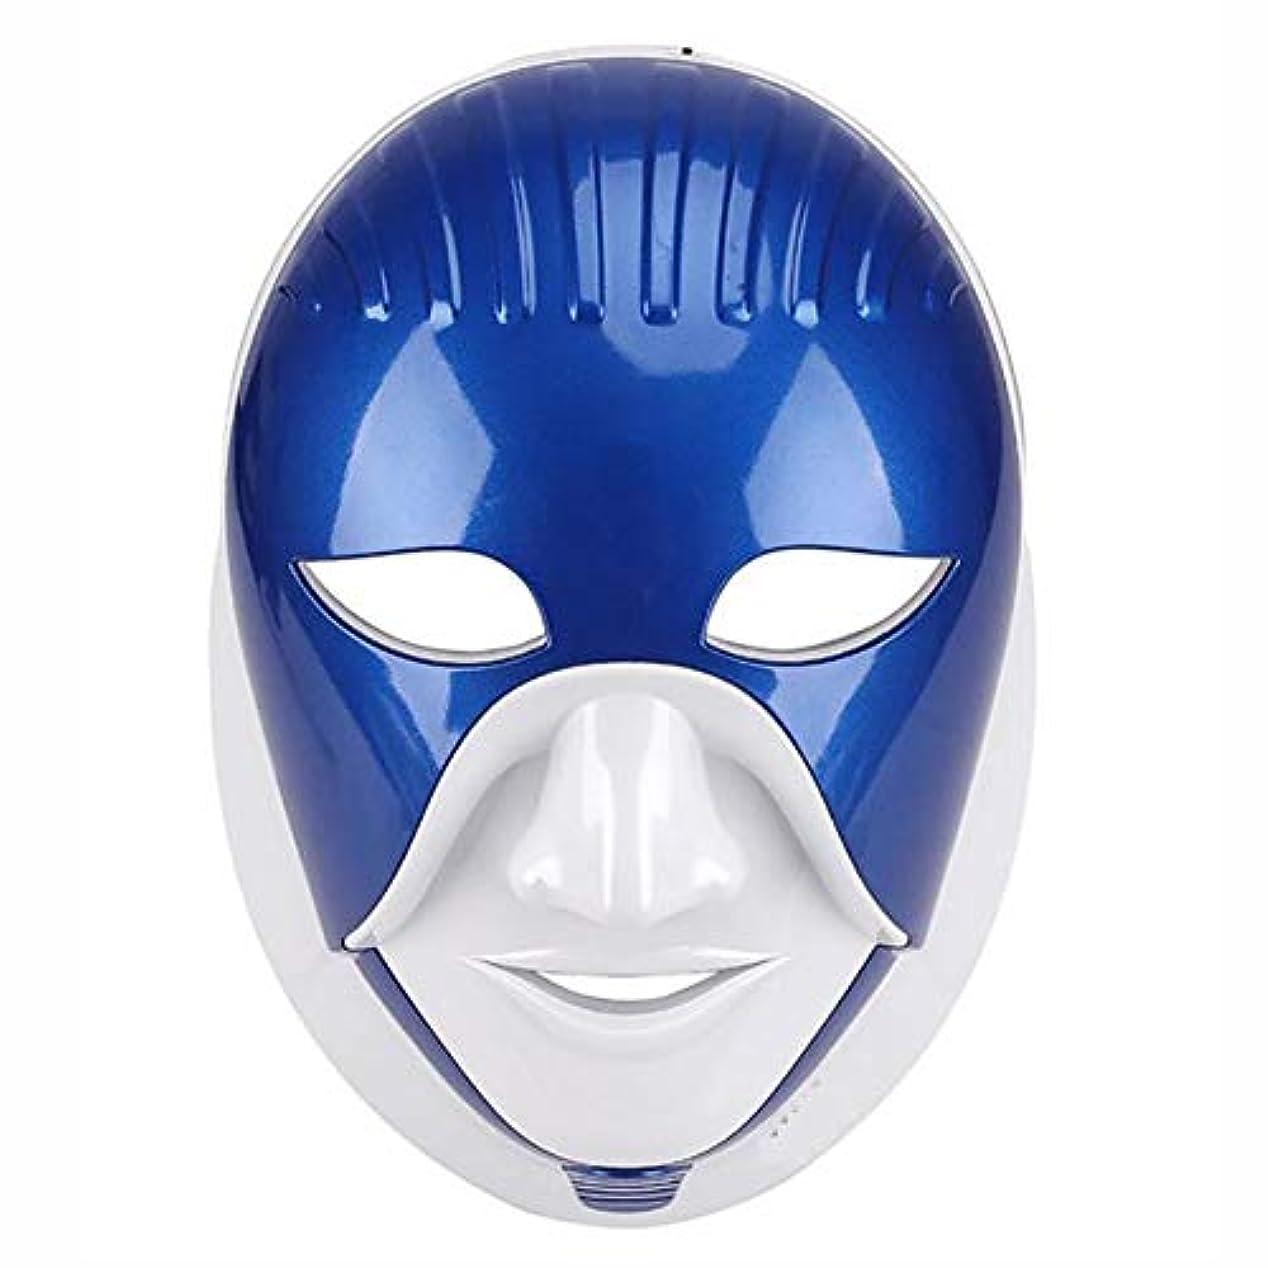 フォークによってラブLEDフェイスマスク治療マスク充電式7色Ledフェイシャルマスクスキンケアの顔の首のケア、CE承認(アルミボックス),ブルー